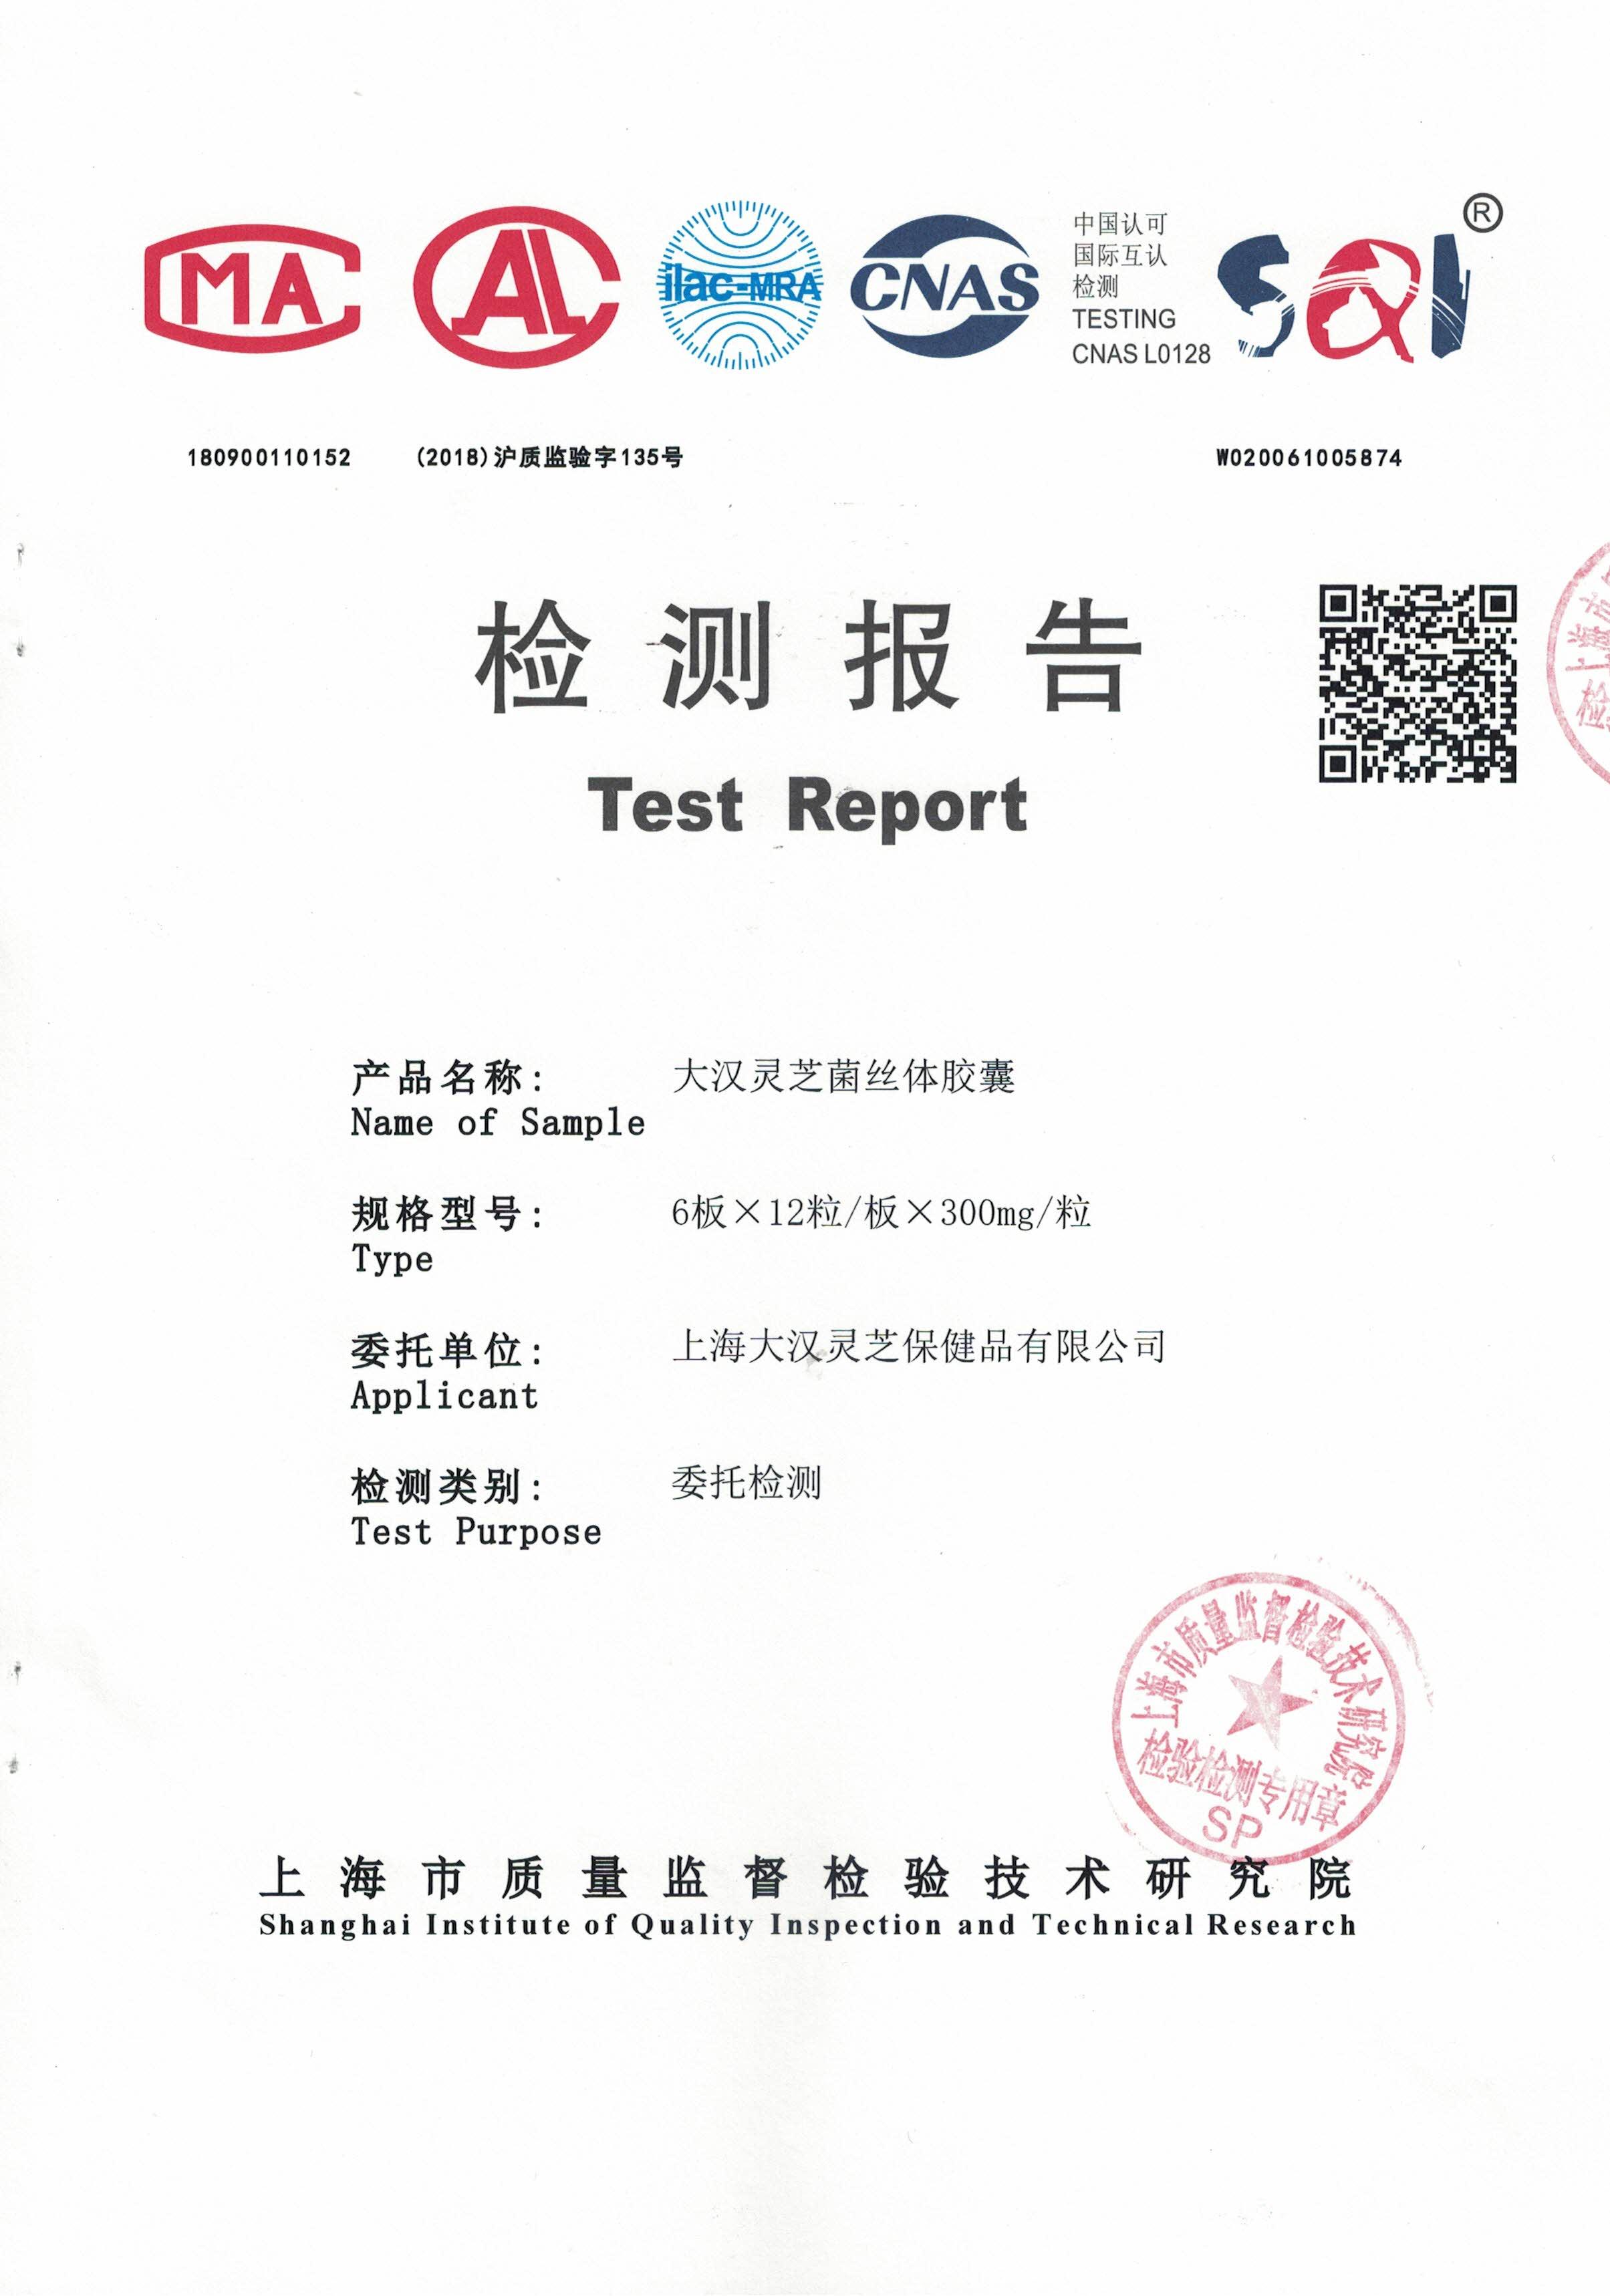 2020年4月24日 大汉灵芝菌丝体 重金属含量检测报告